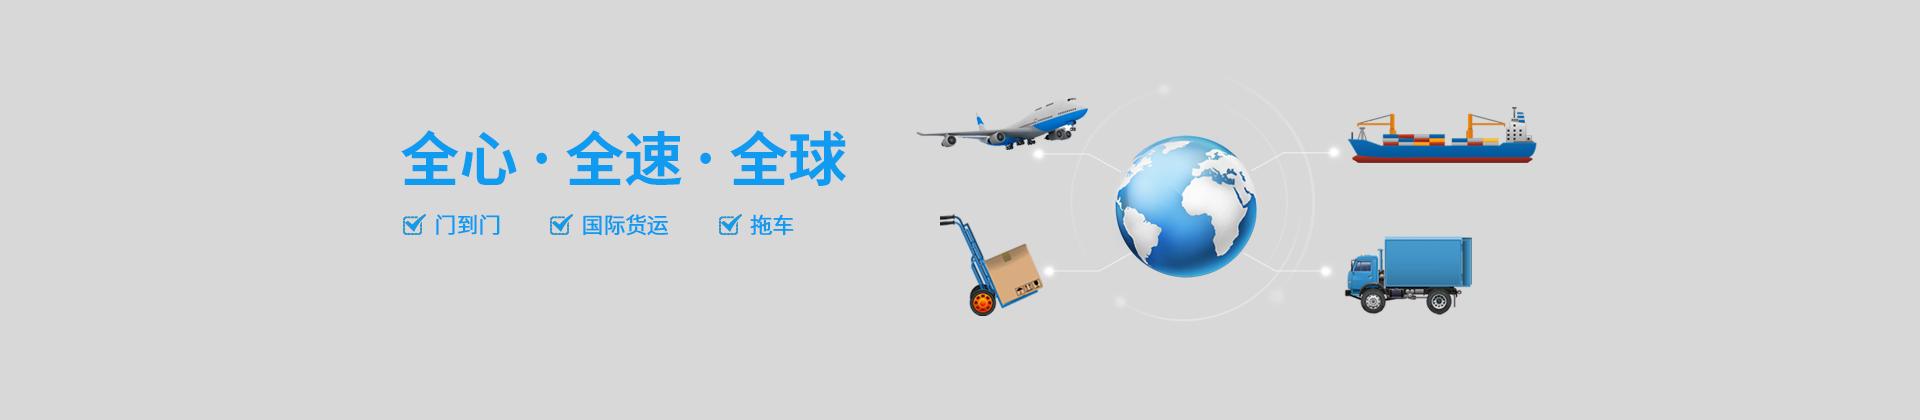 深圳市华富康供应链股份有限公司